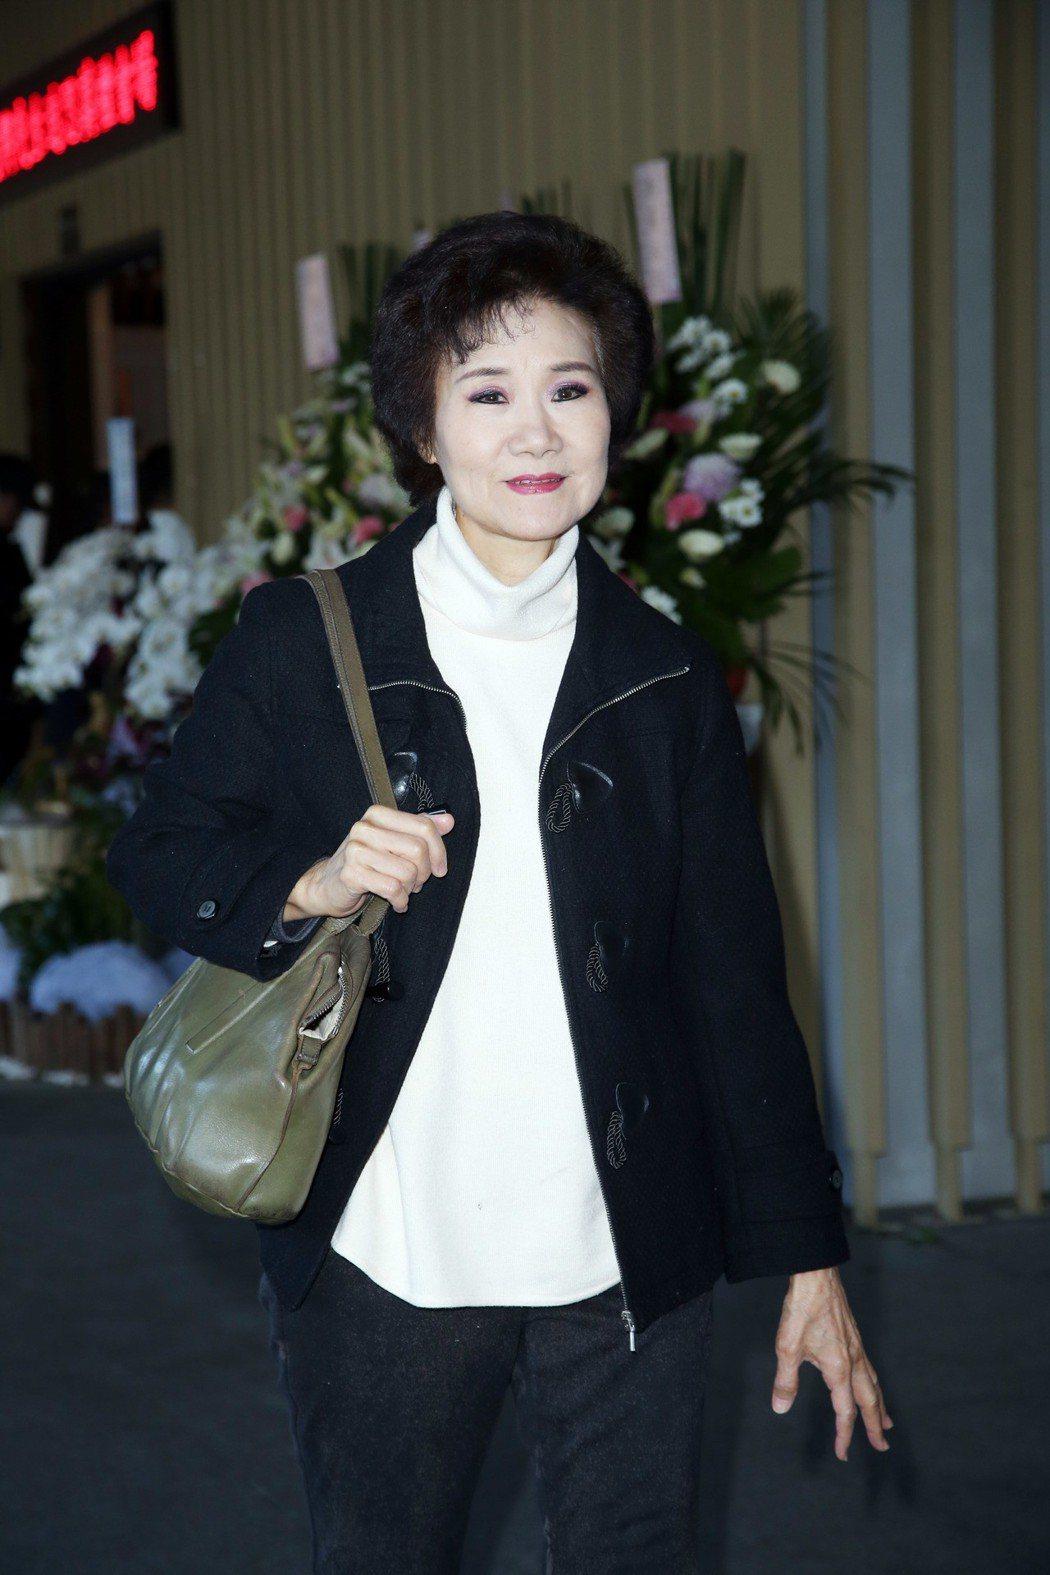 吳靜嫻出席美黛告別式。記者陳瑞源/攝影